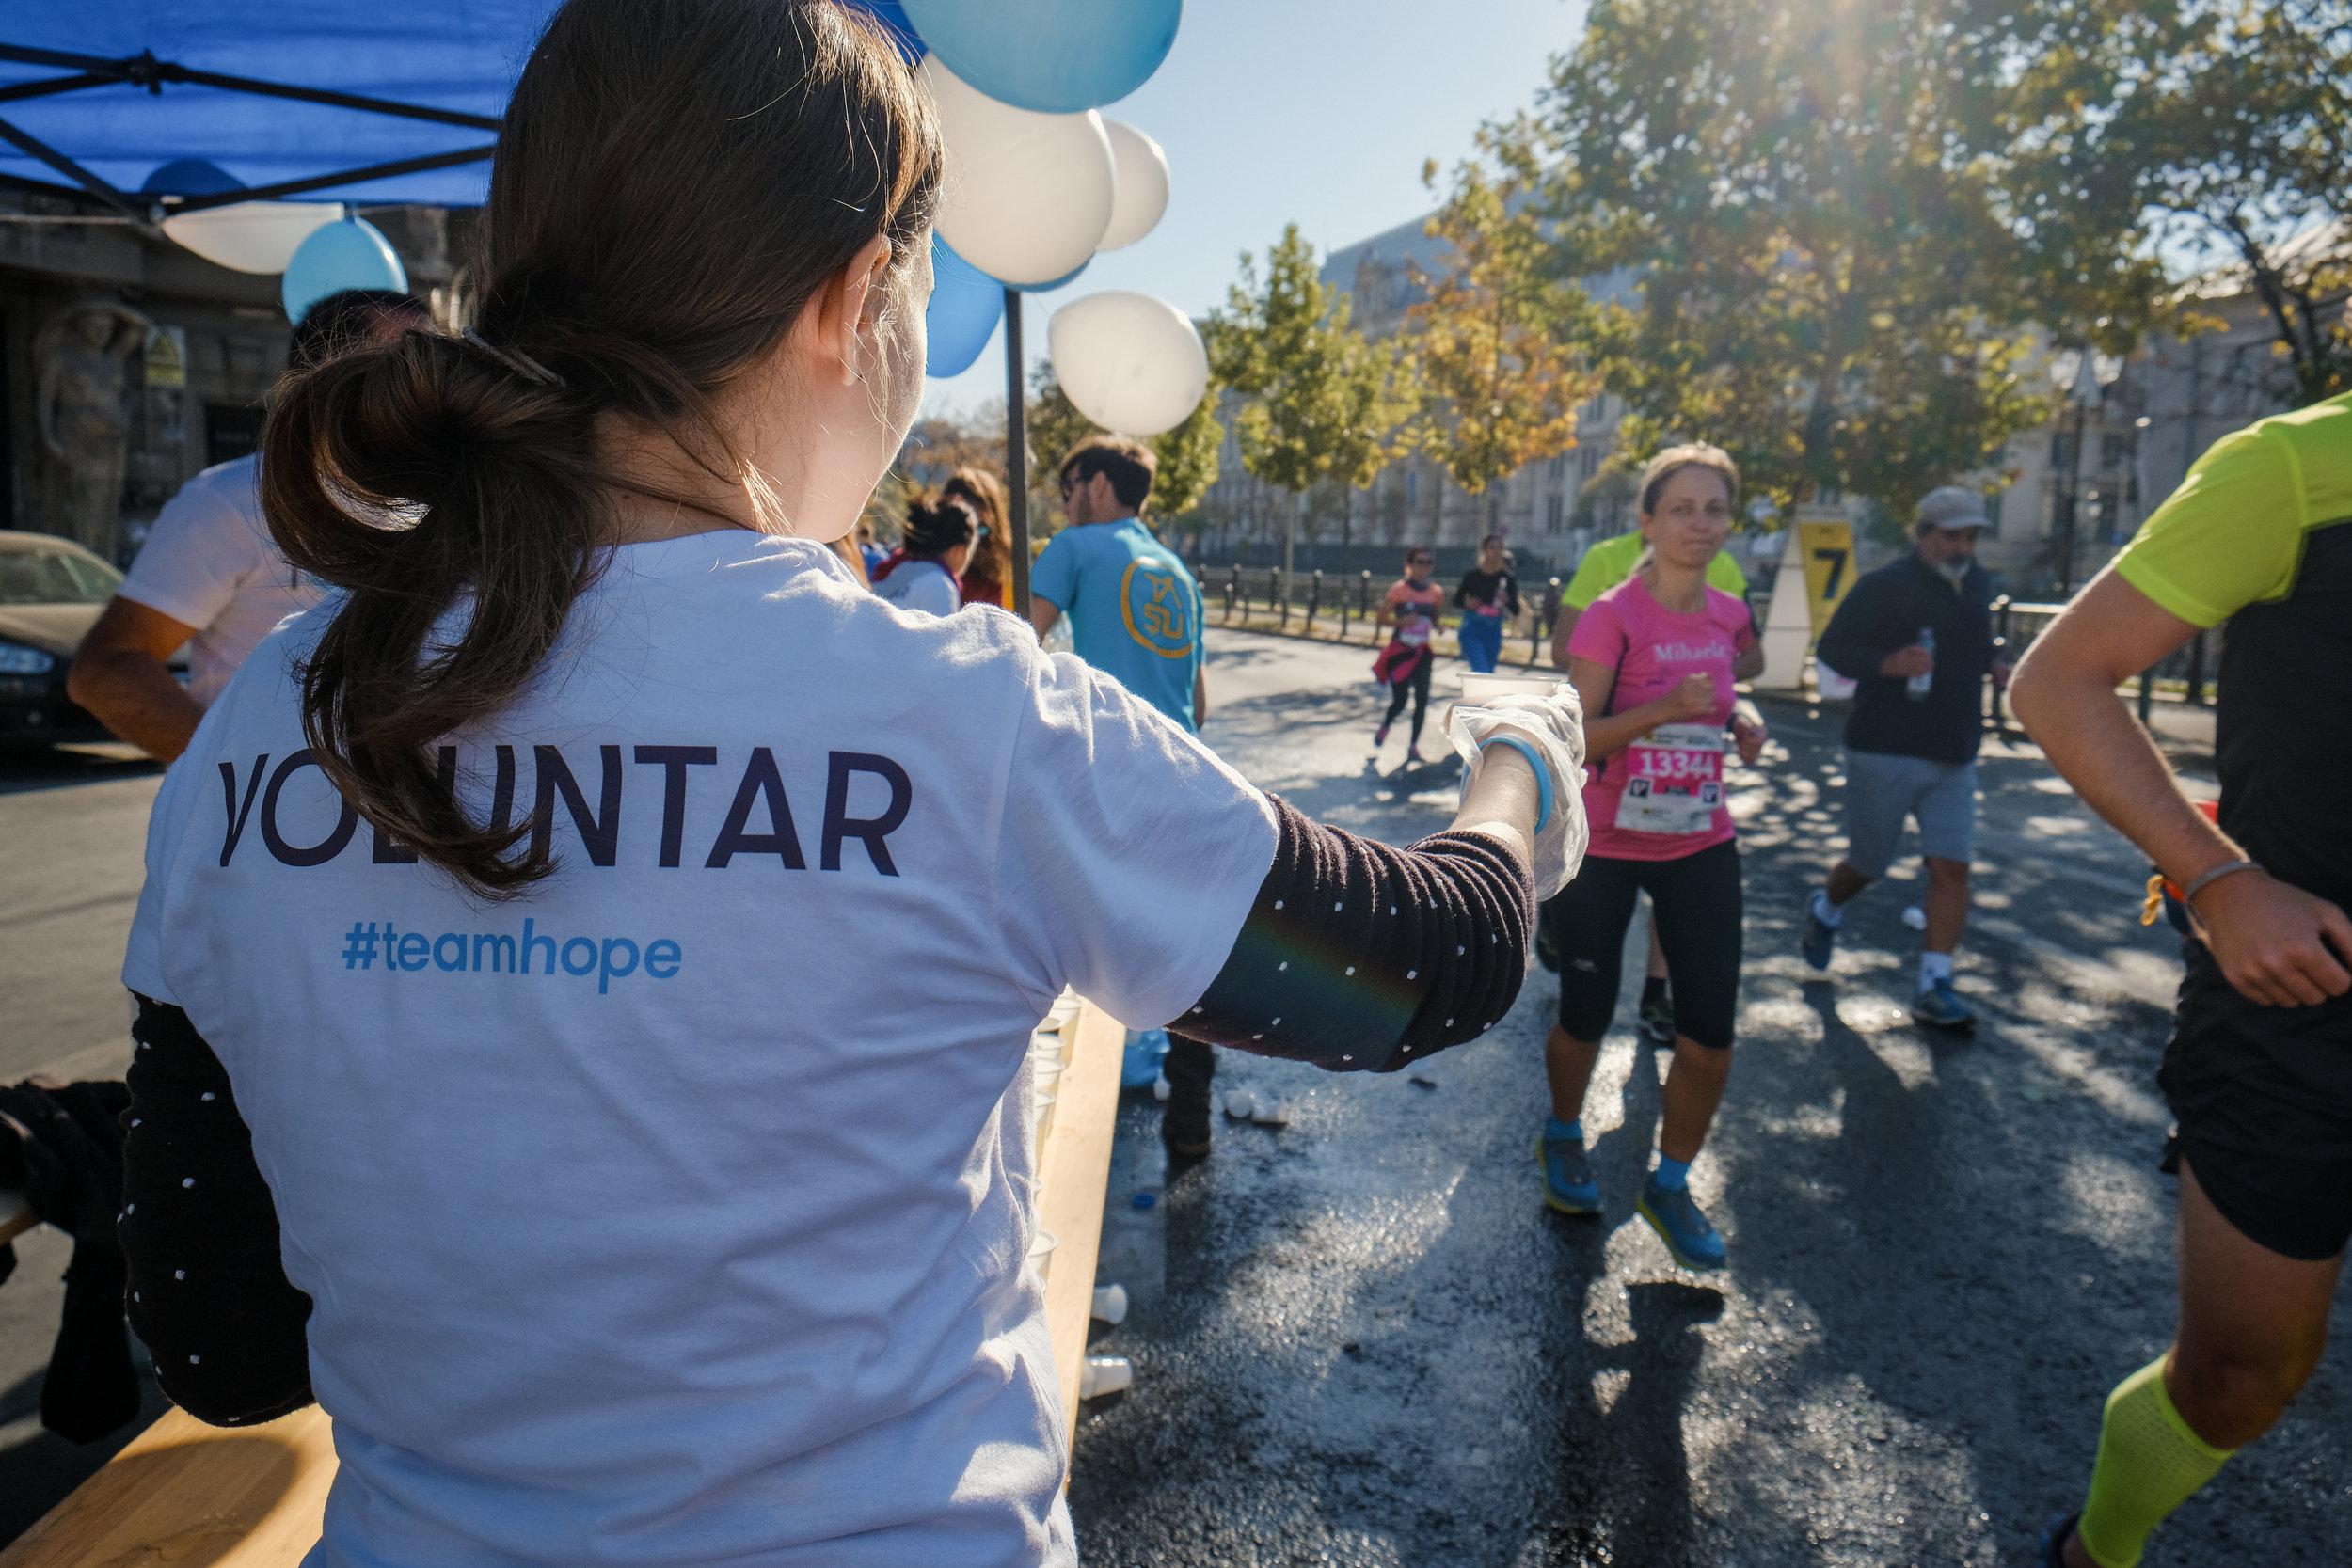 VoluntariTeamHope_maraton_Răzvan Leucea2.jpg